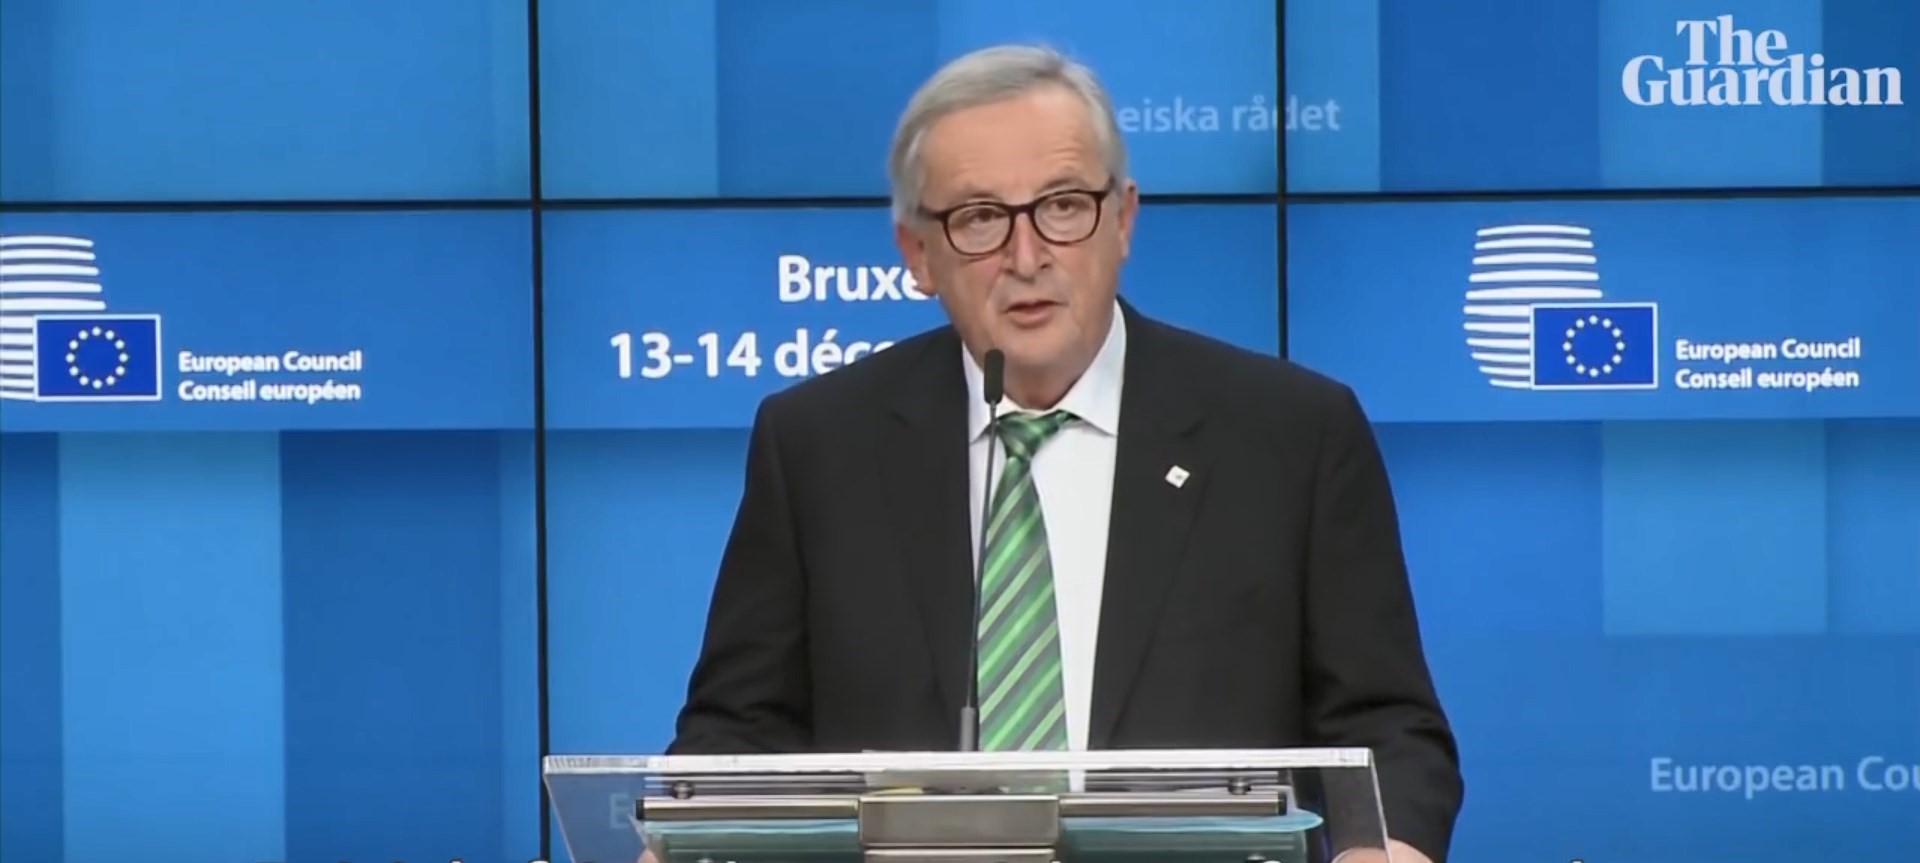 BREXIT, BE nuk kthehet më pas, Juncker kategorik me May